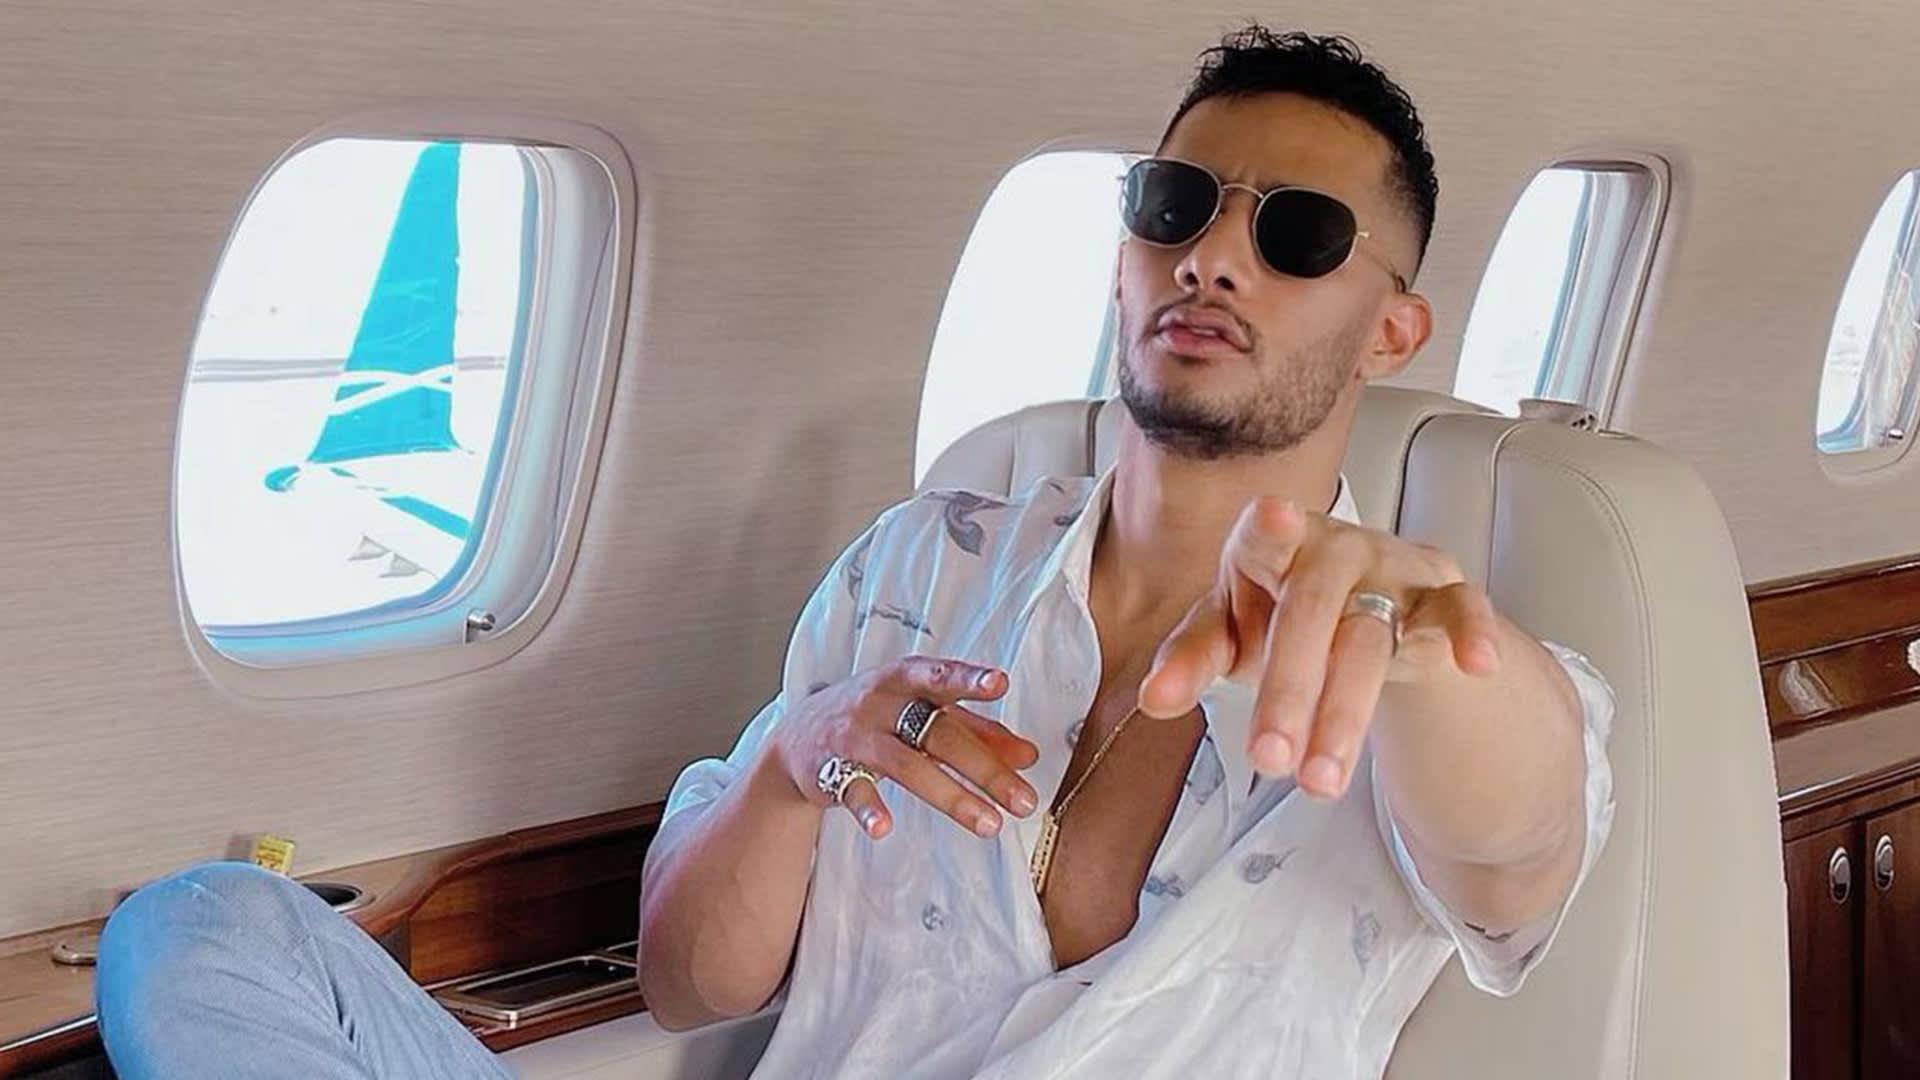 صورة للفنان محمد رمضان من حسابه على إنستغرام وهو داخل طائرة